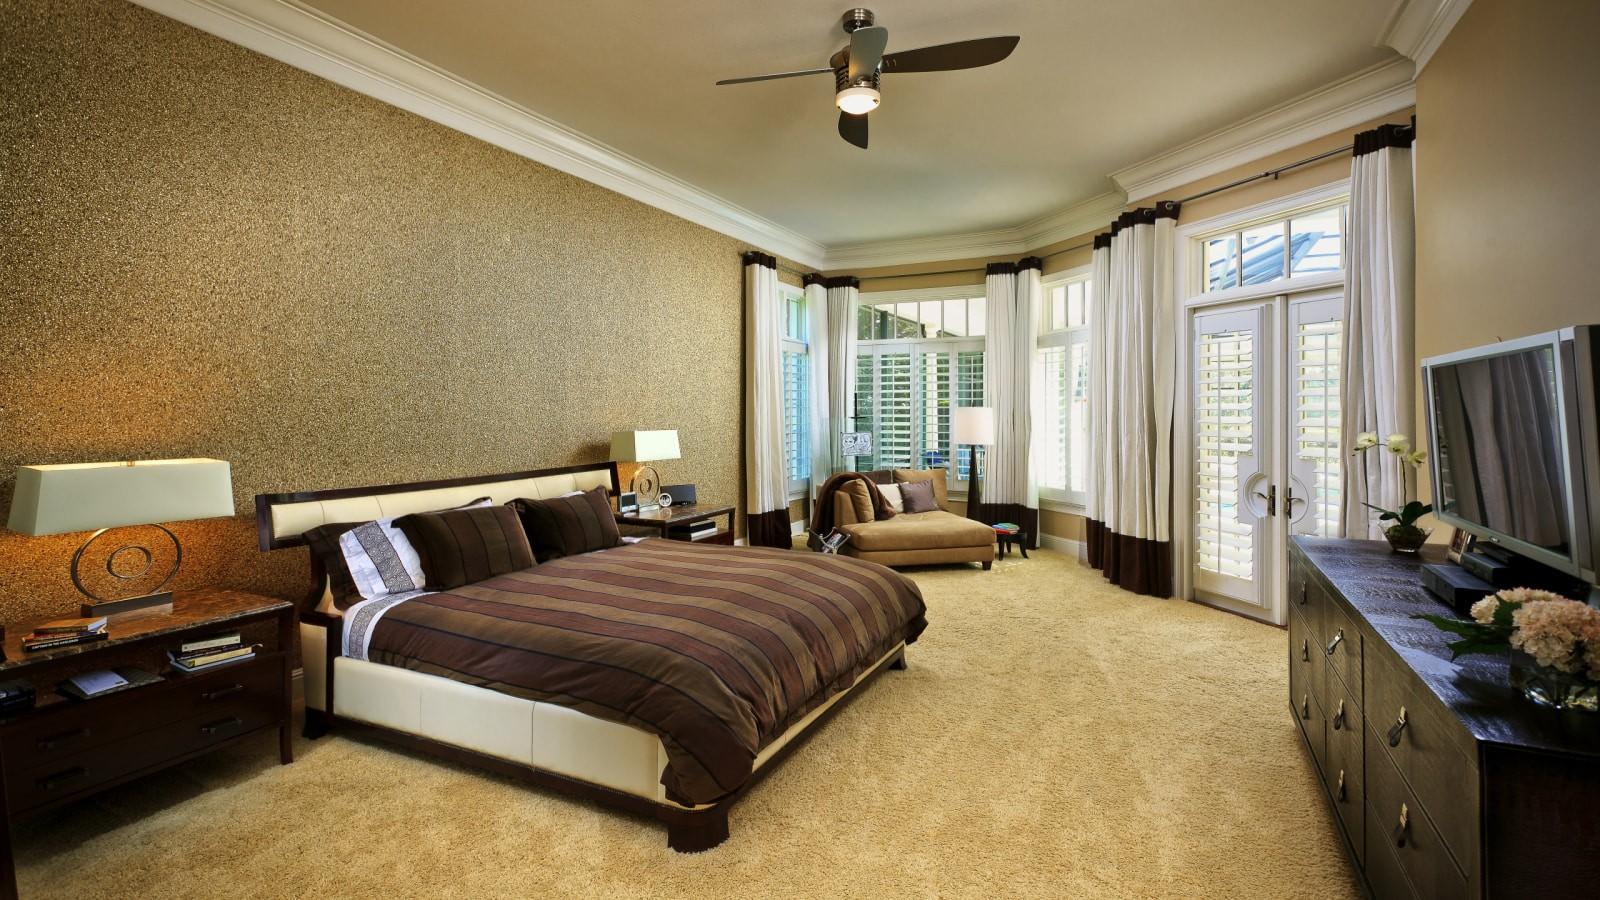 коричневые жидкие обои для интерьера спальни